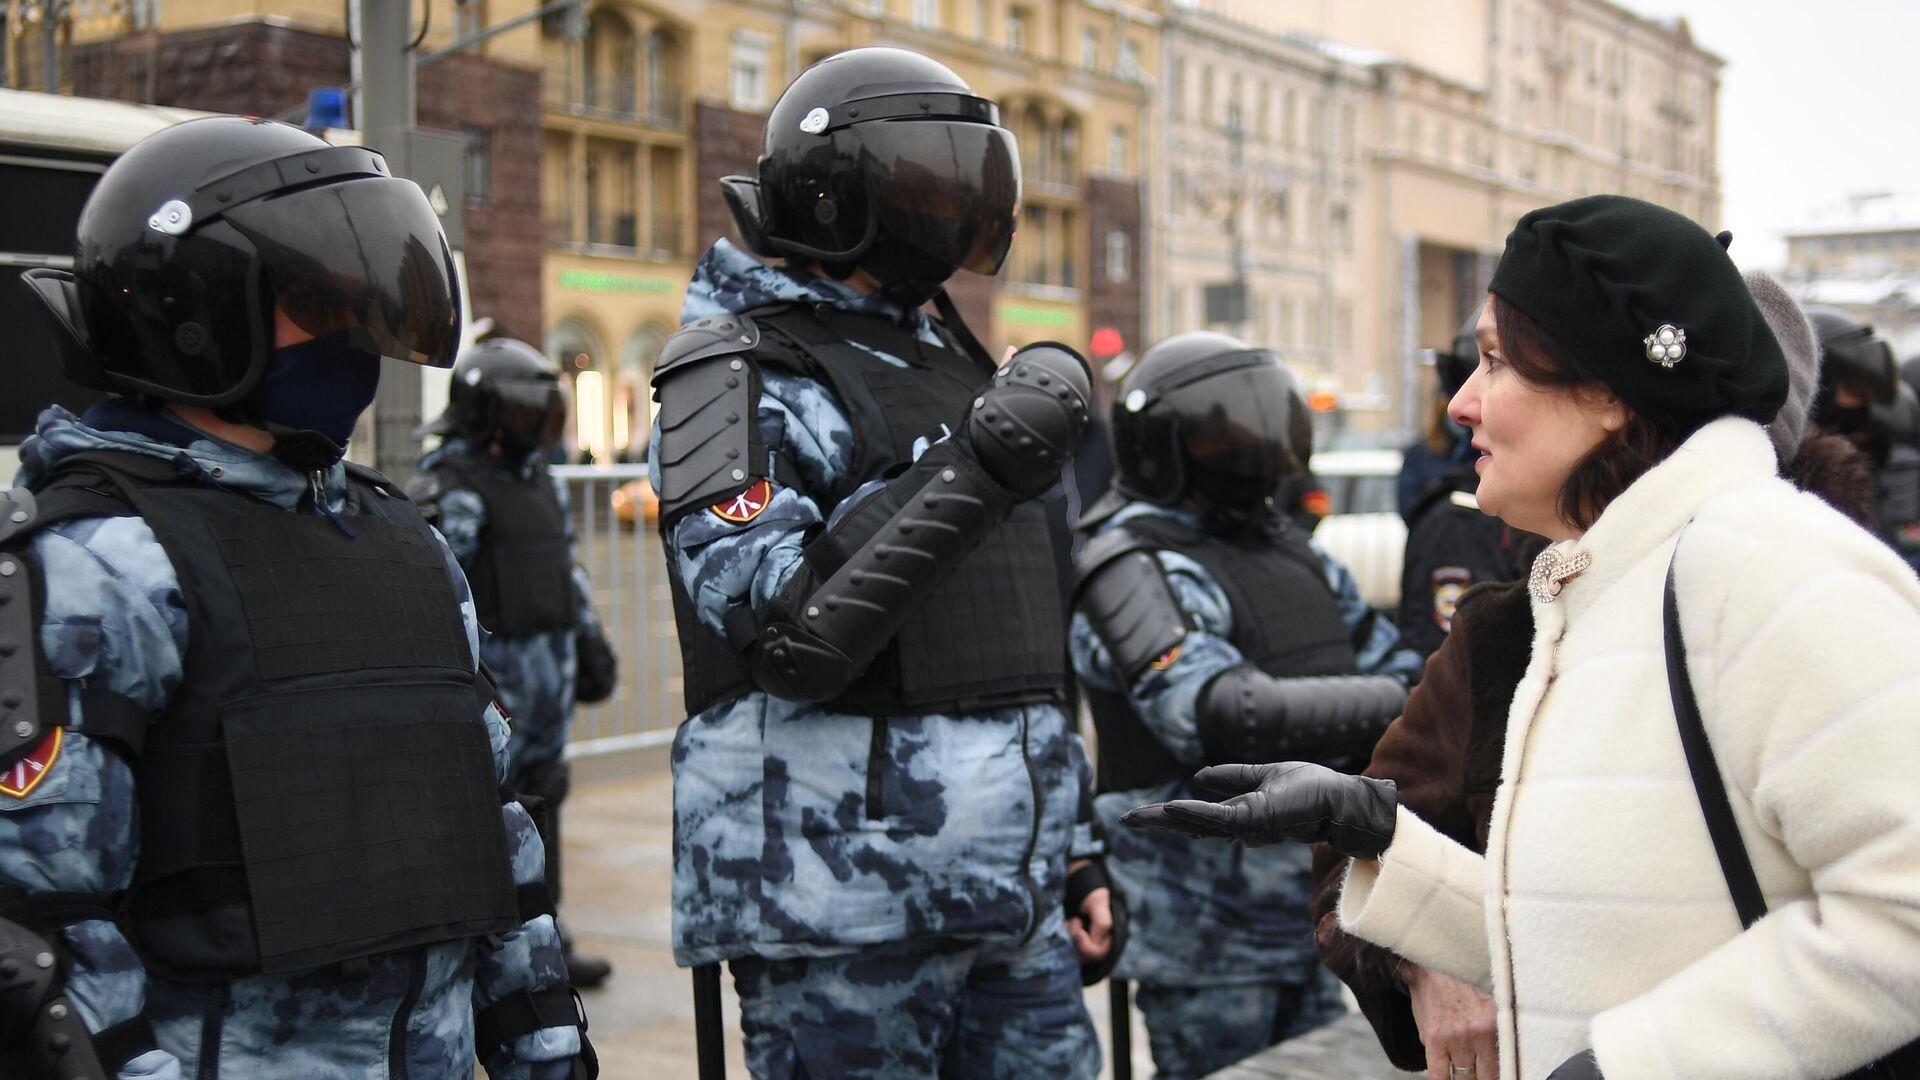 Женщина разговаривает с сотрудниками правоохранительных органов на Тверской улице в Москве - РИА Новости, 1920, 27.01.2021